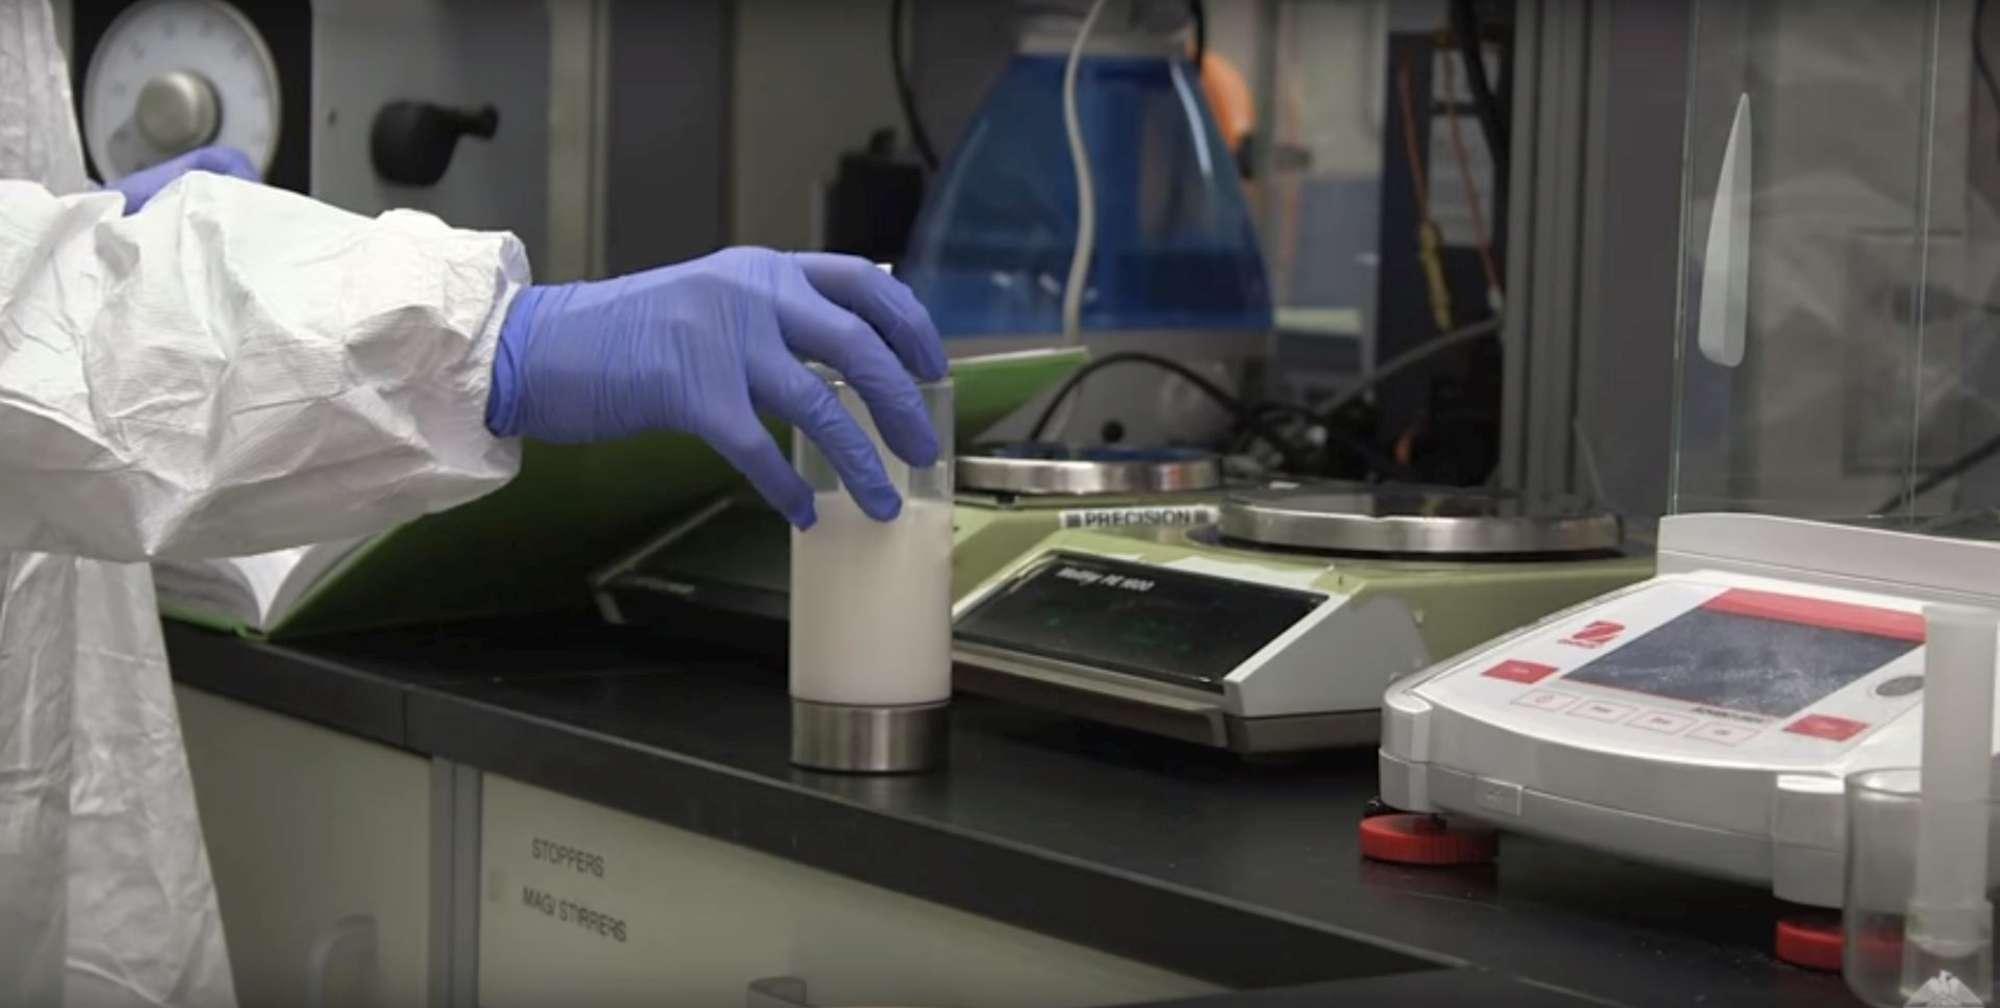 Addio plastica, per gli imballaggi del futuro arriva una pellicola ecologica prodotta dal latte